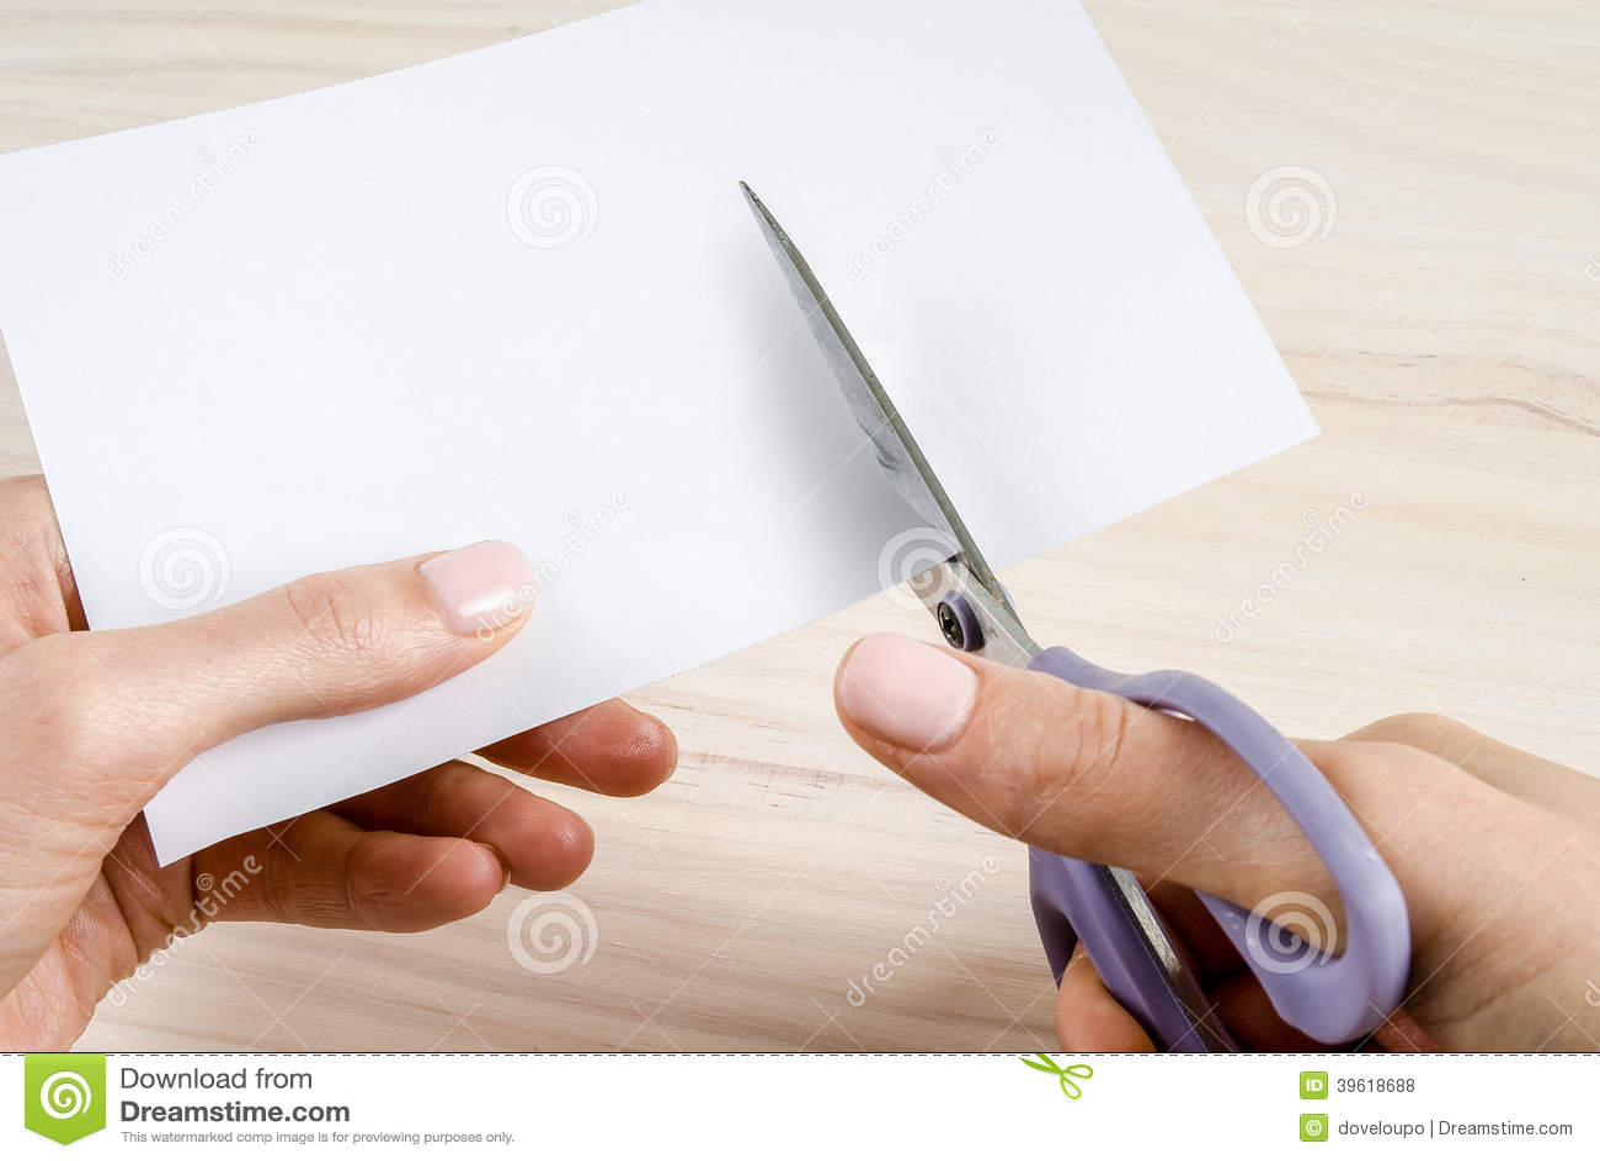 Les mains de la femme coupant le papier avec des ciseaux